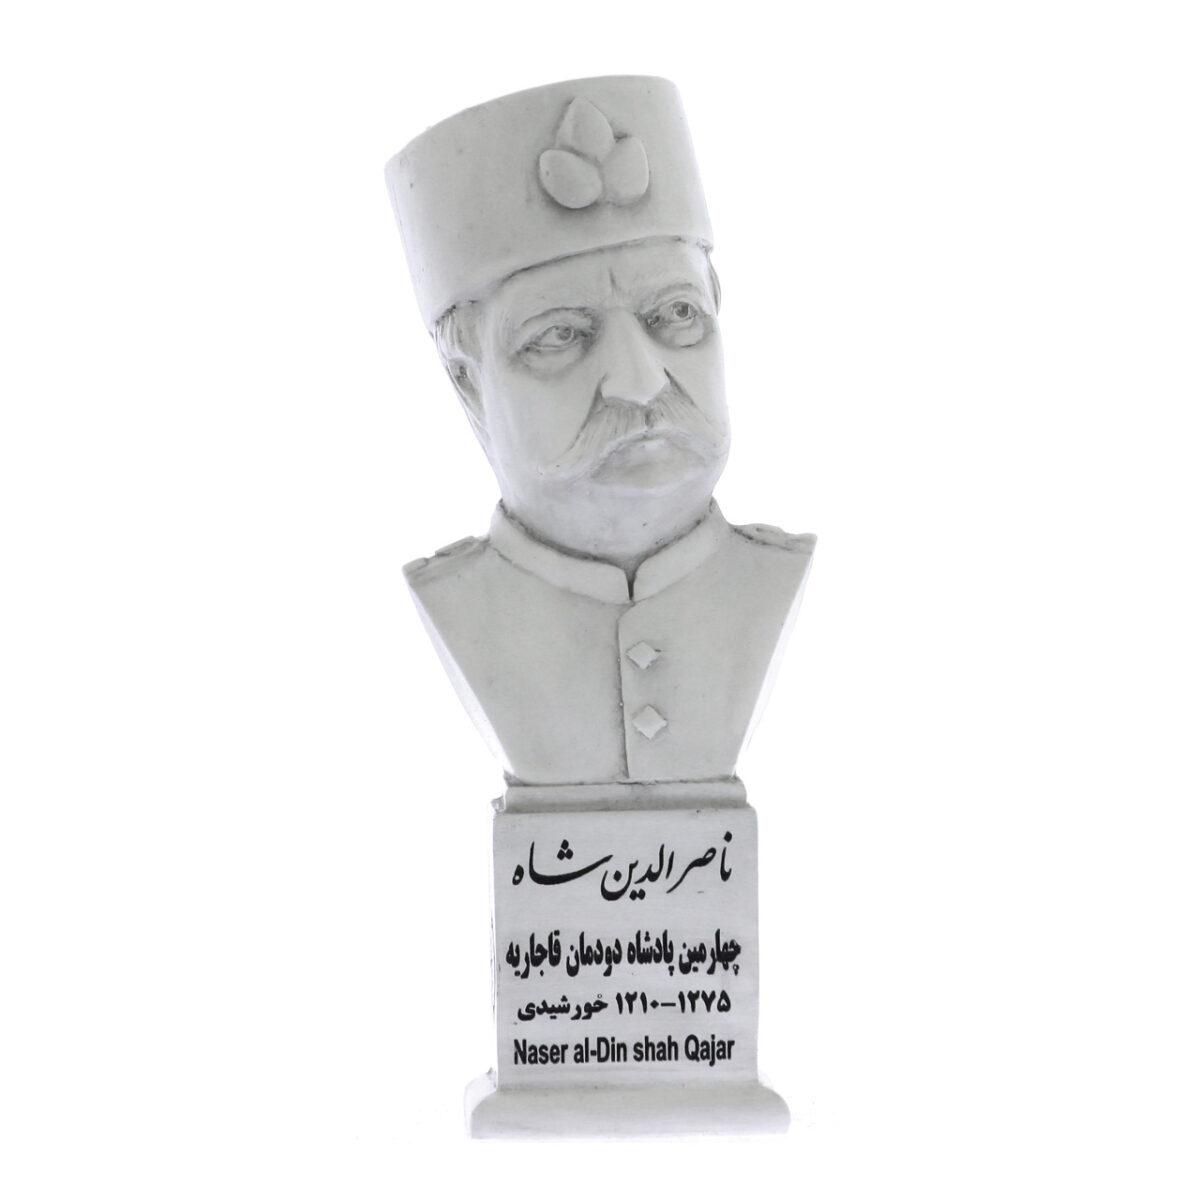 nase adin shah s 1200x1200 - سردیس ناصرالدین شاه قاجار